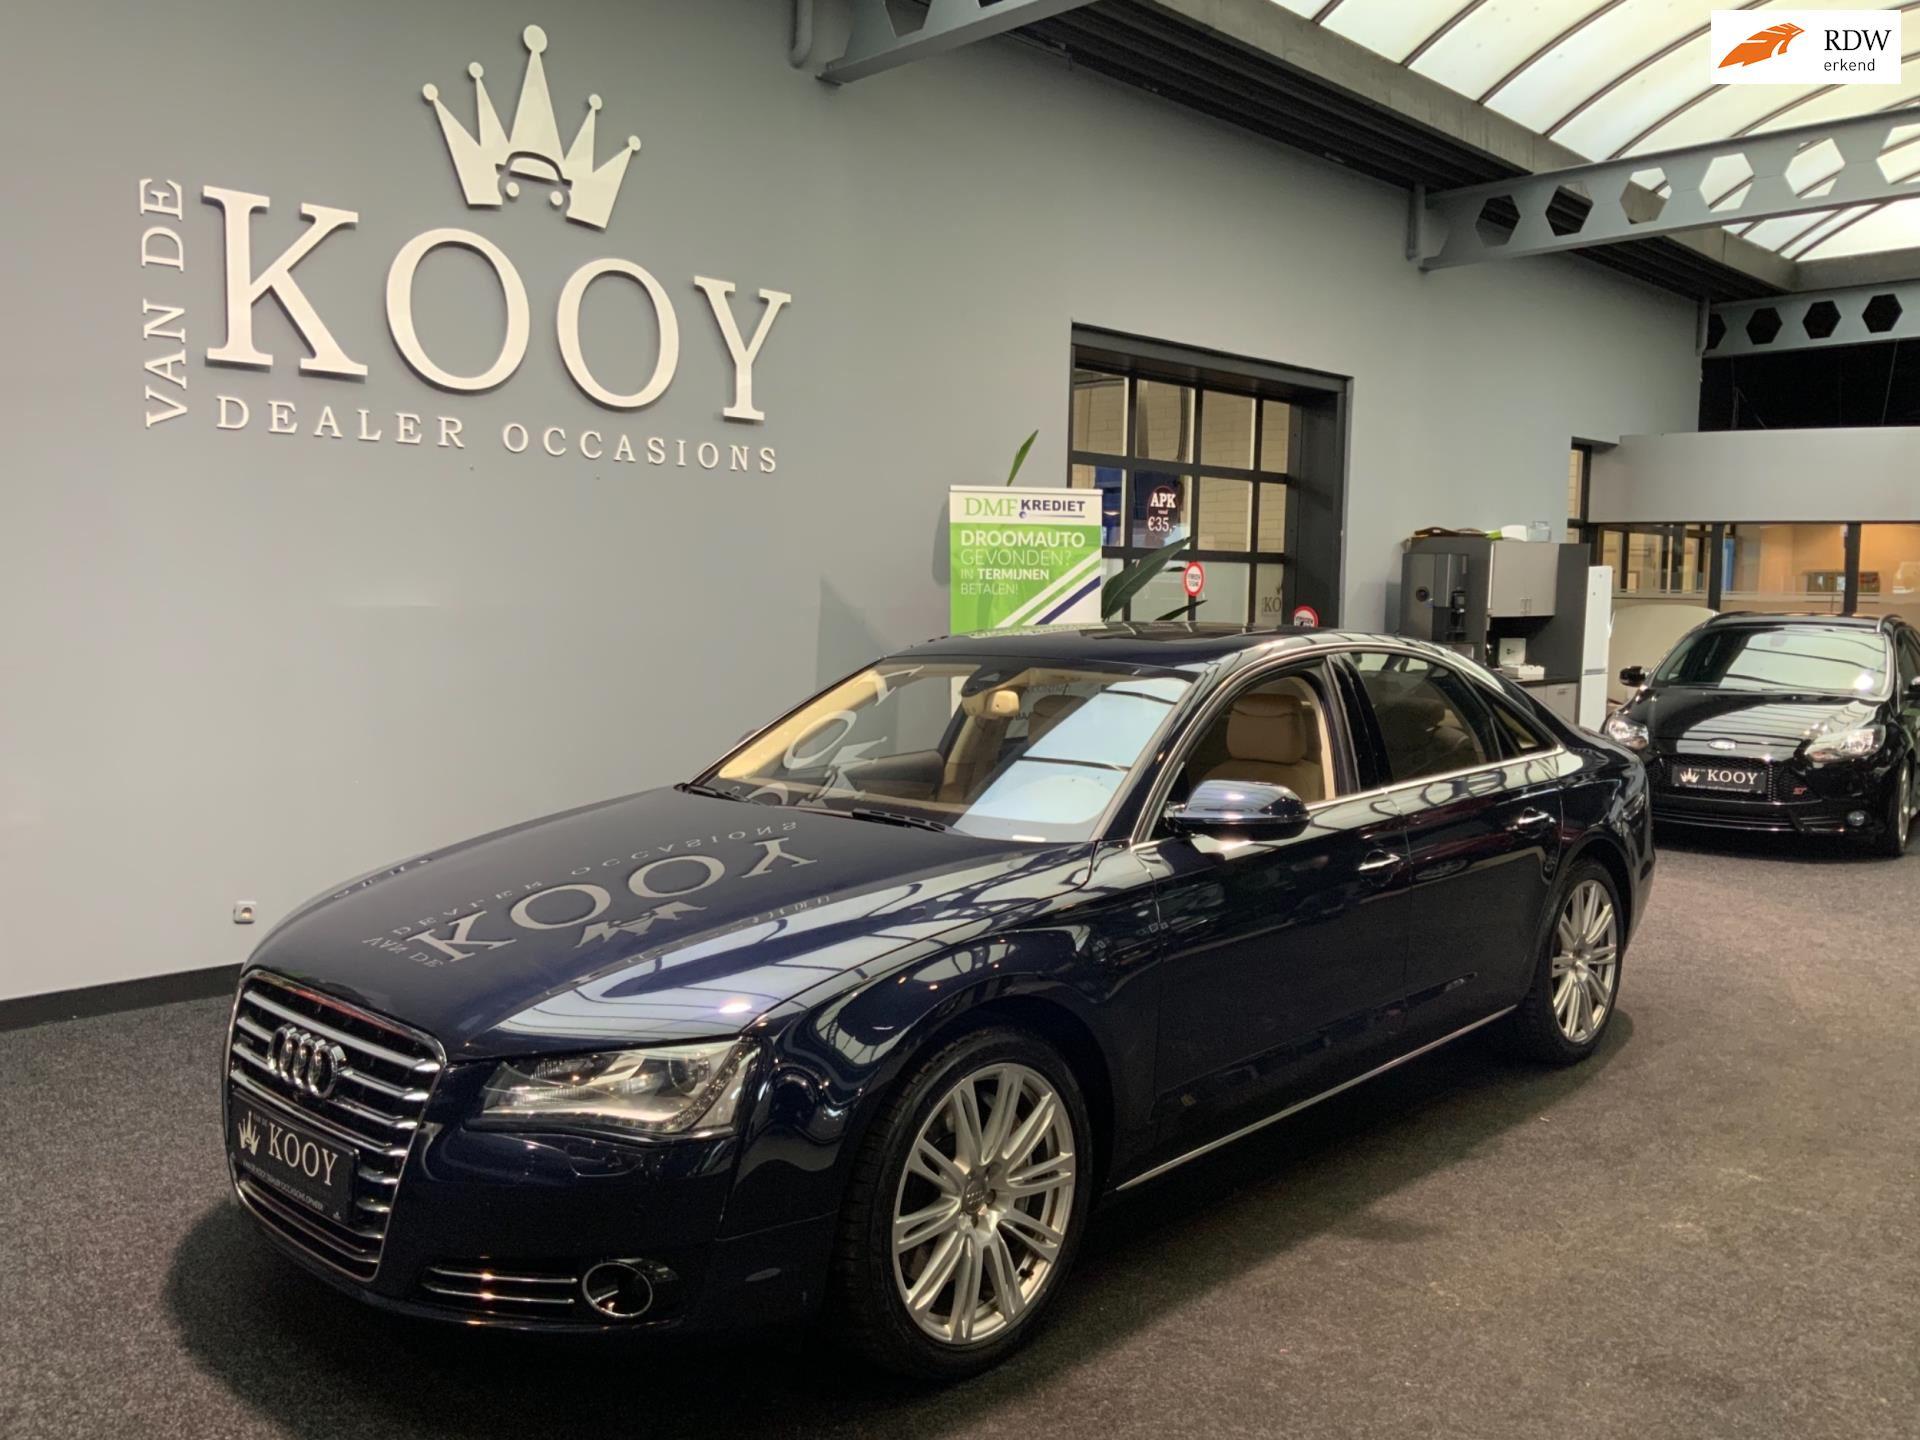 Audi A8 occasion - Van De Kooy Dealer Occasions Opmeer